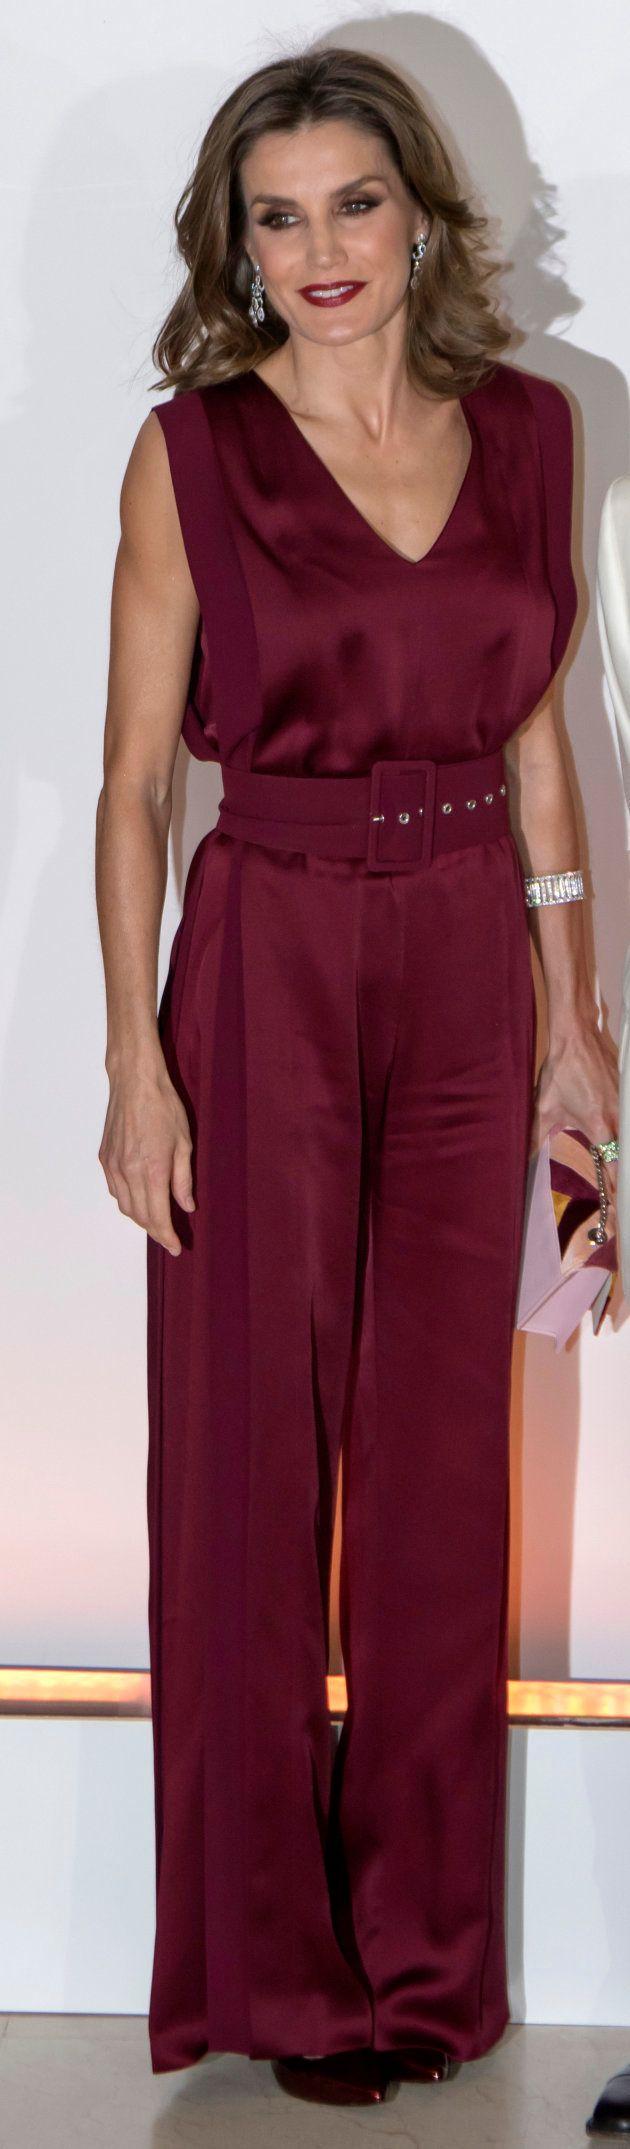 La reina Letizia en los premios 'Mariano de Cavia', 'Mingote' y 'Luca de Tena' celebrados el 26 de octubre...